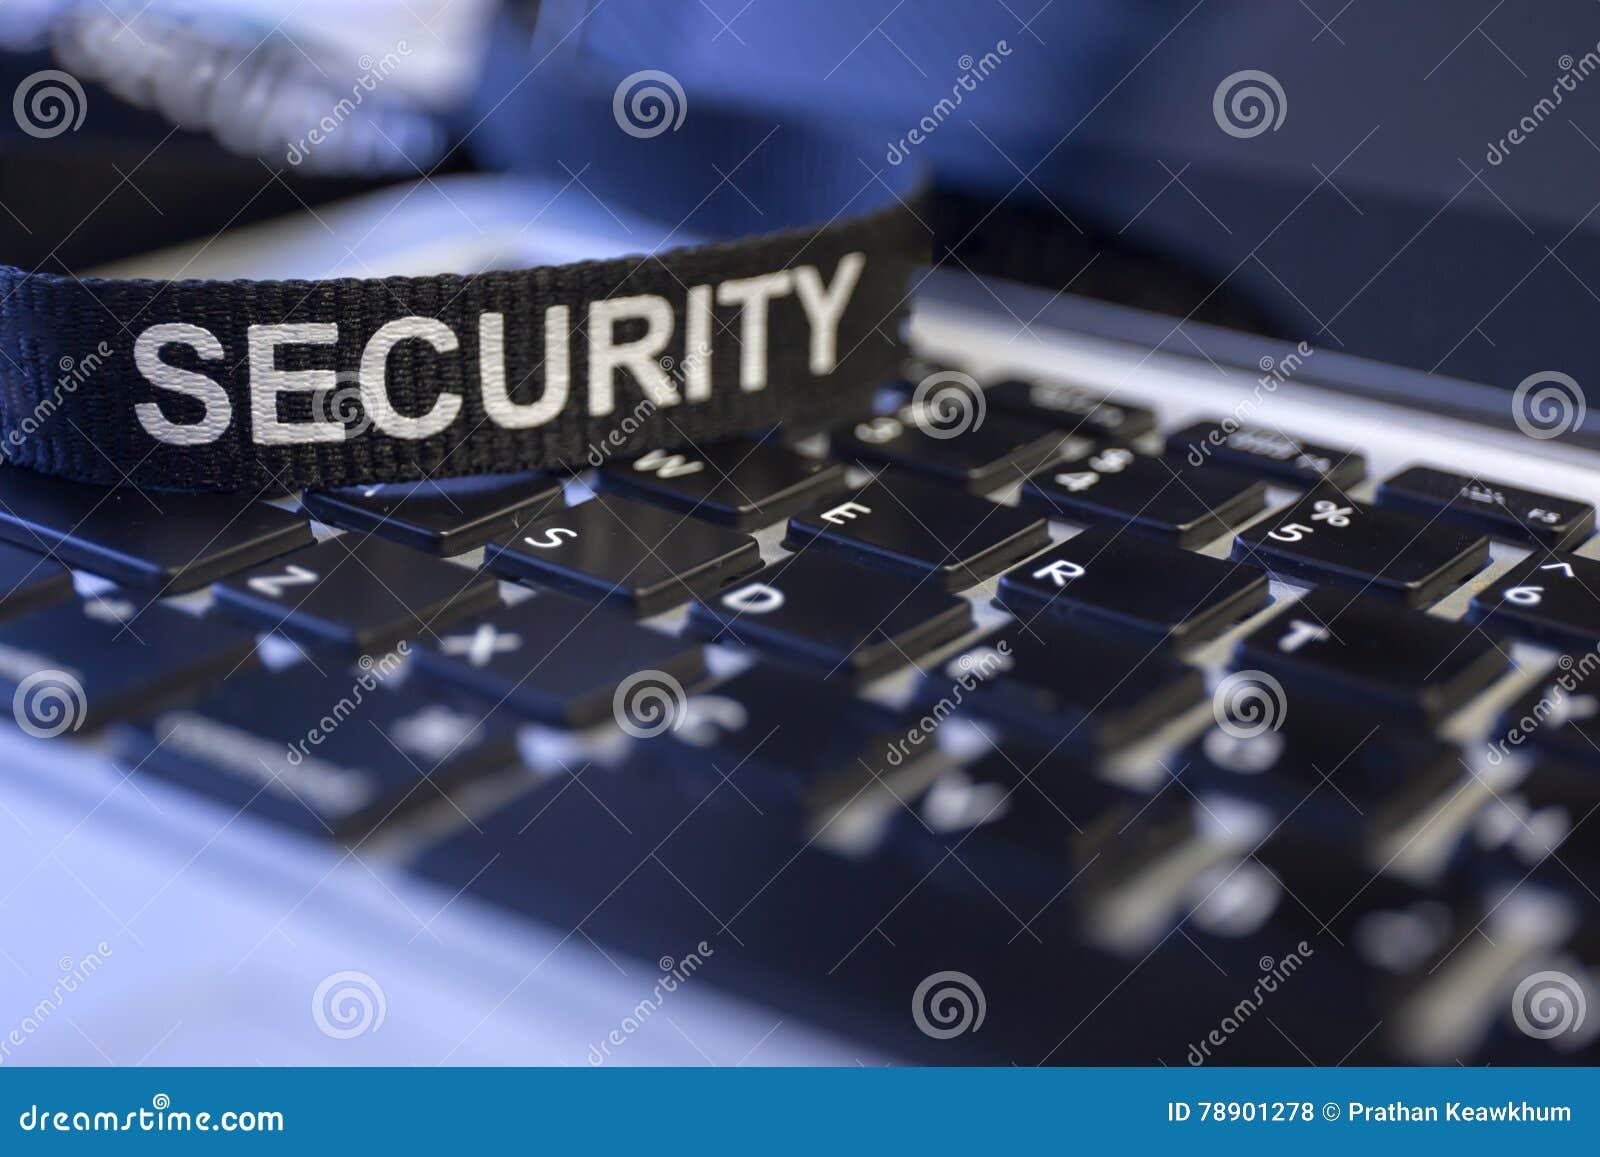 Redacte la seguridad en protecti cibernético simbolizado teclado del crimen del labtop